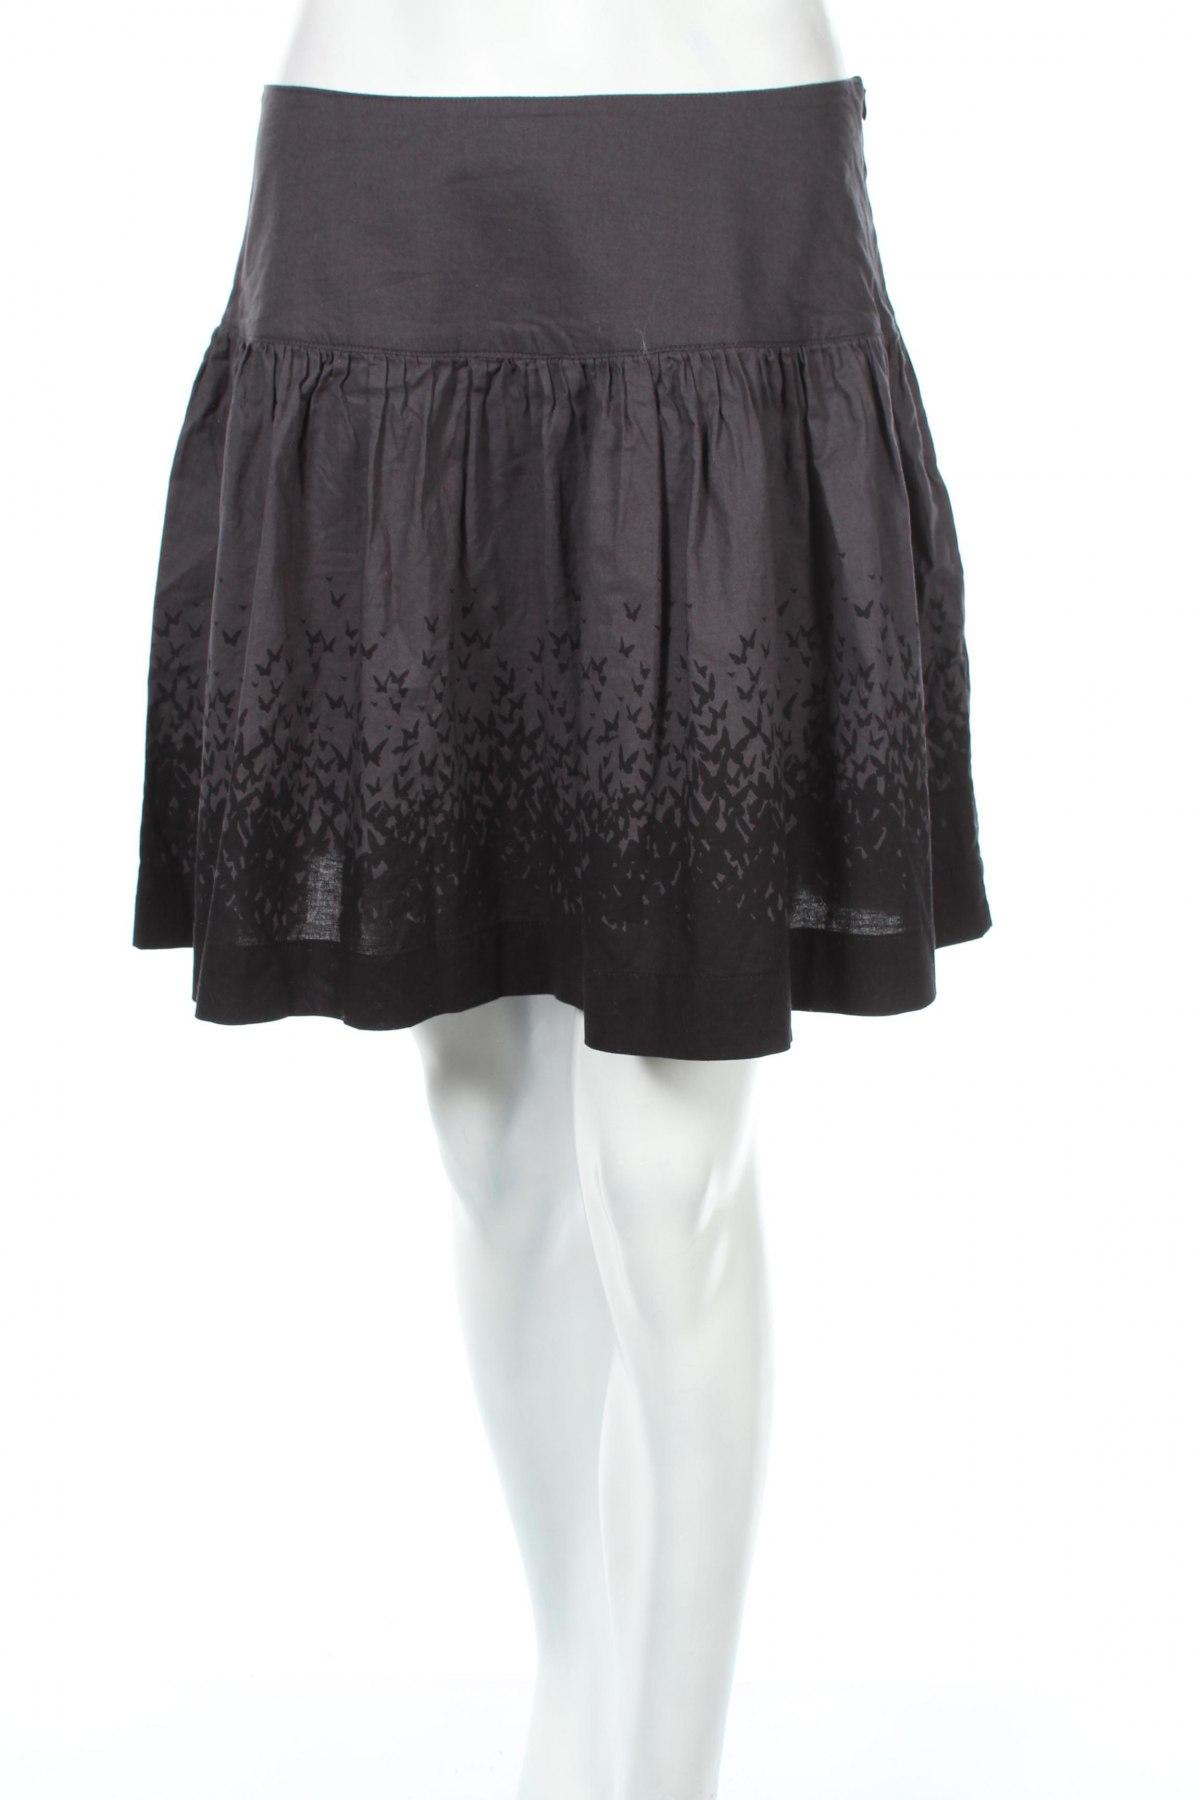 Φούστα La Redoute, Μέγεθος XS, Χρώμα Γκρί, Βαμβάκι, Τιμή 4,07€